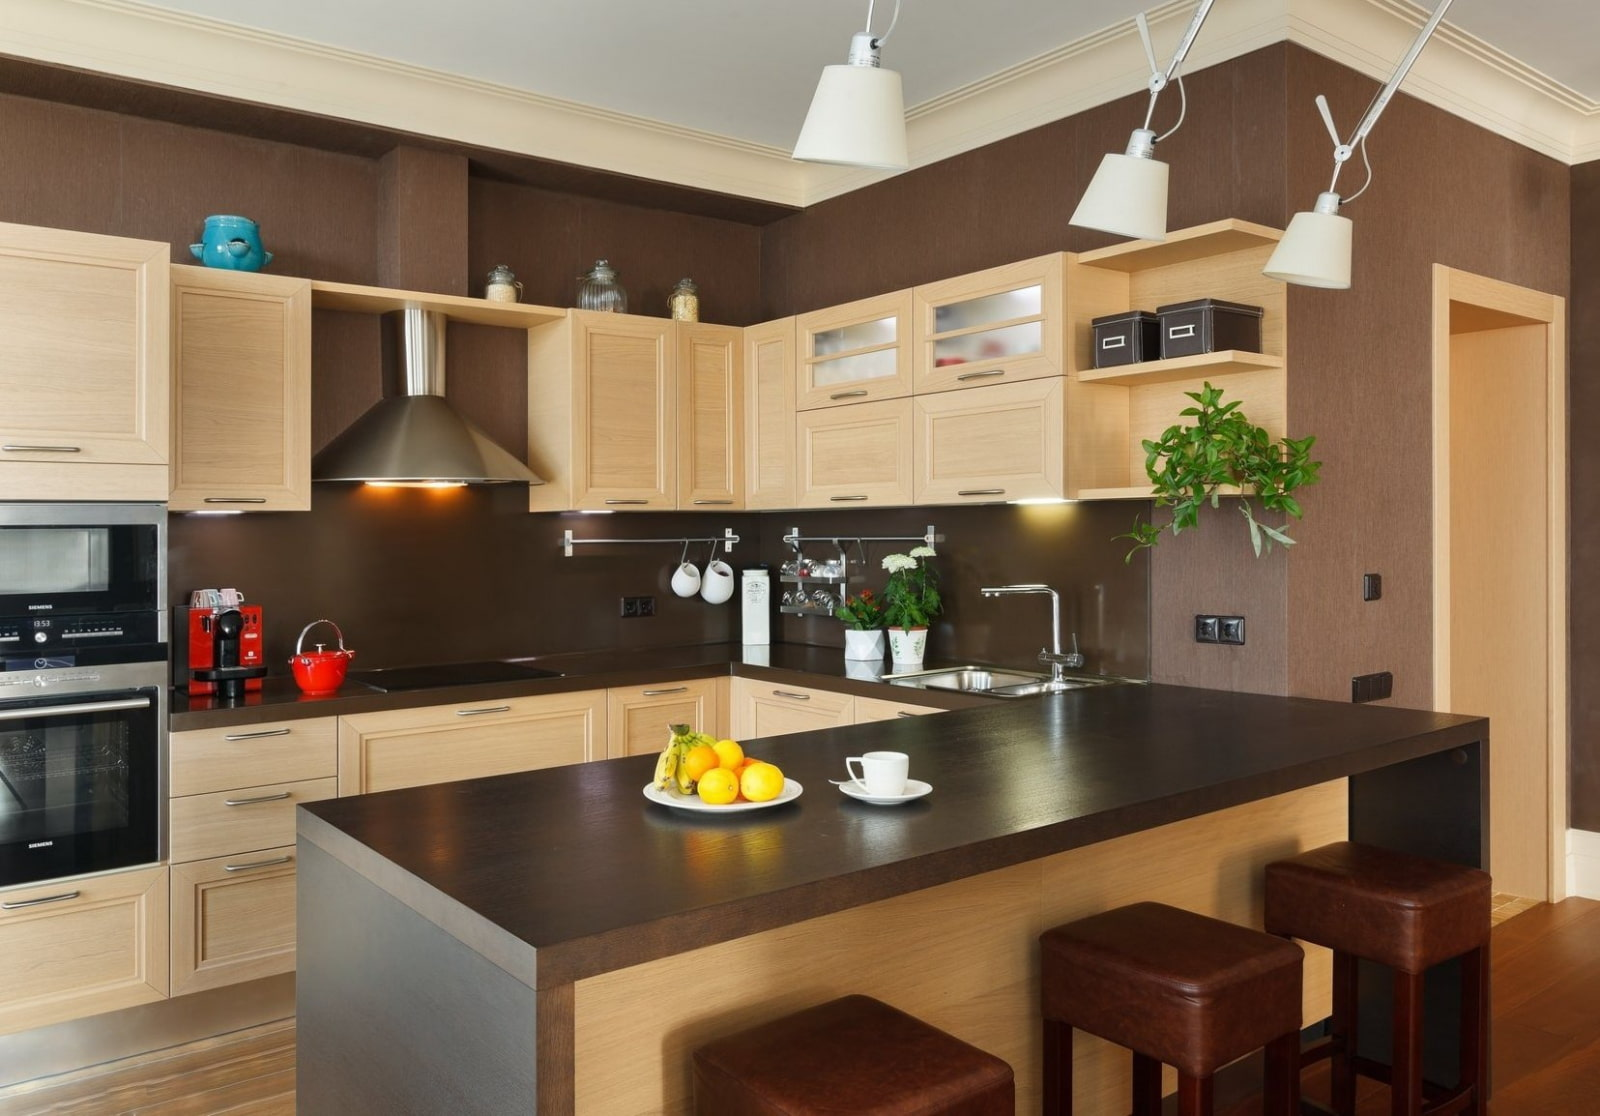 шоколадно ванильный цвет стен на кухне